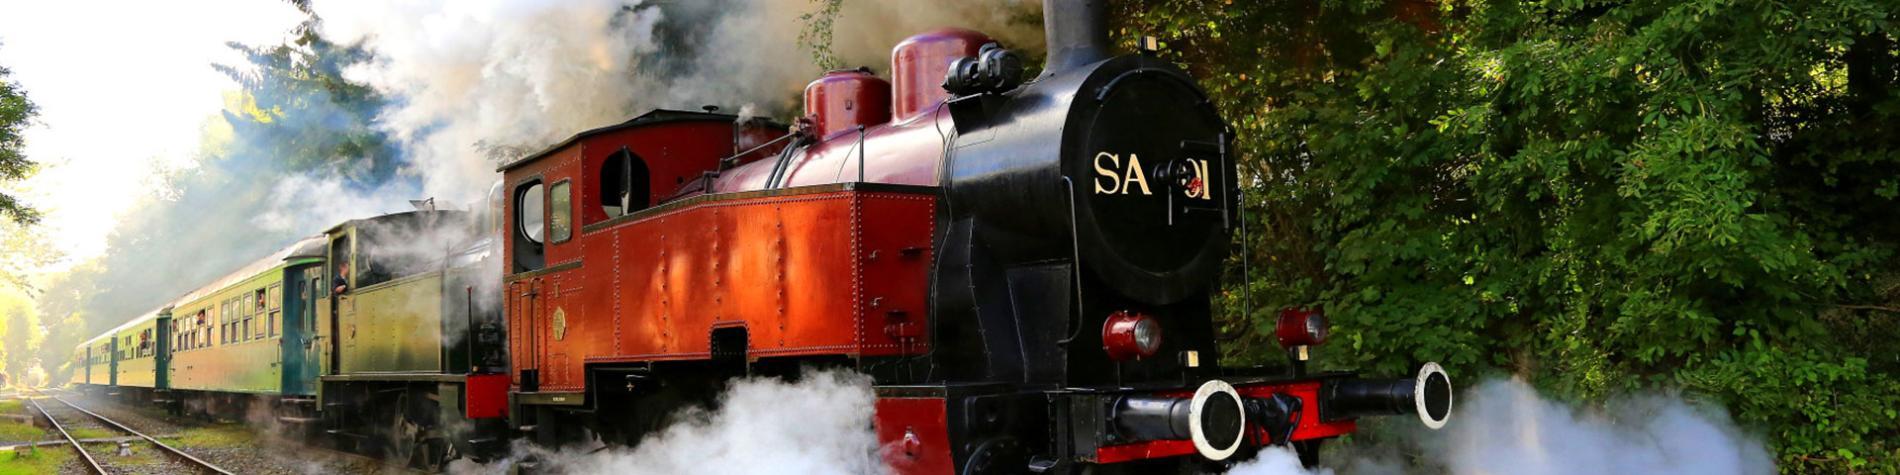 Chemin de Fer à vapeur des Trois Vallées - Mariembourg - Treignes